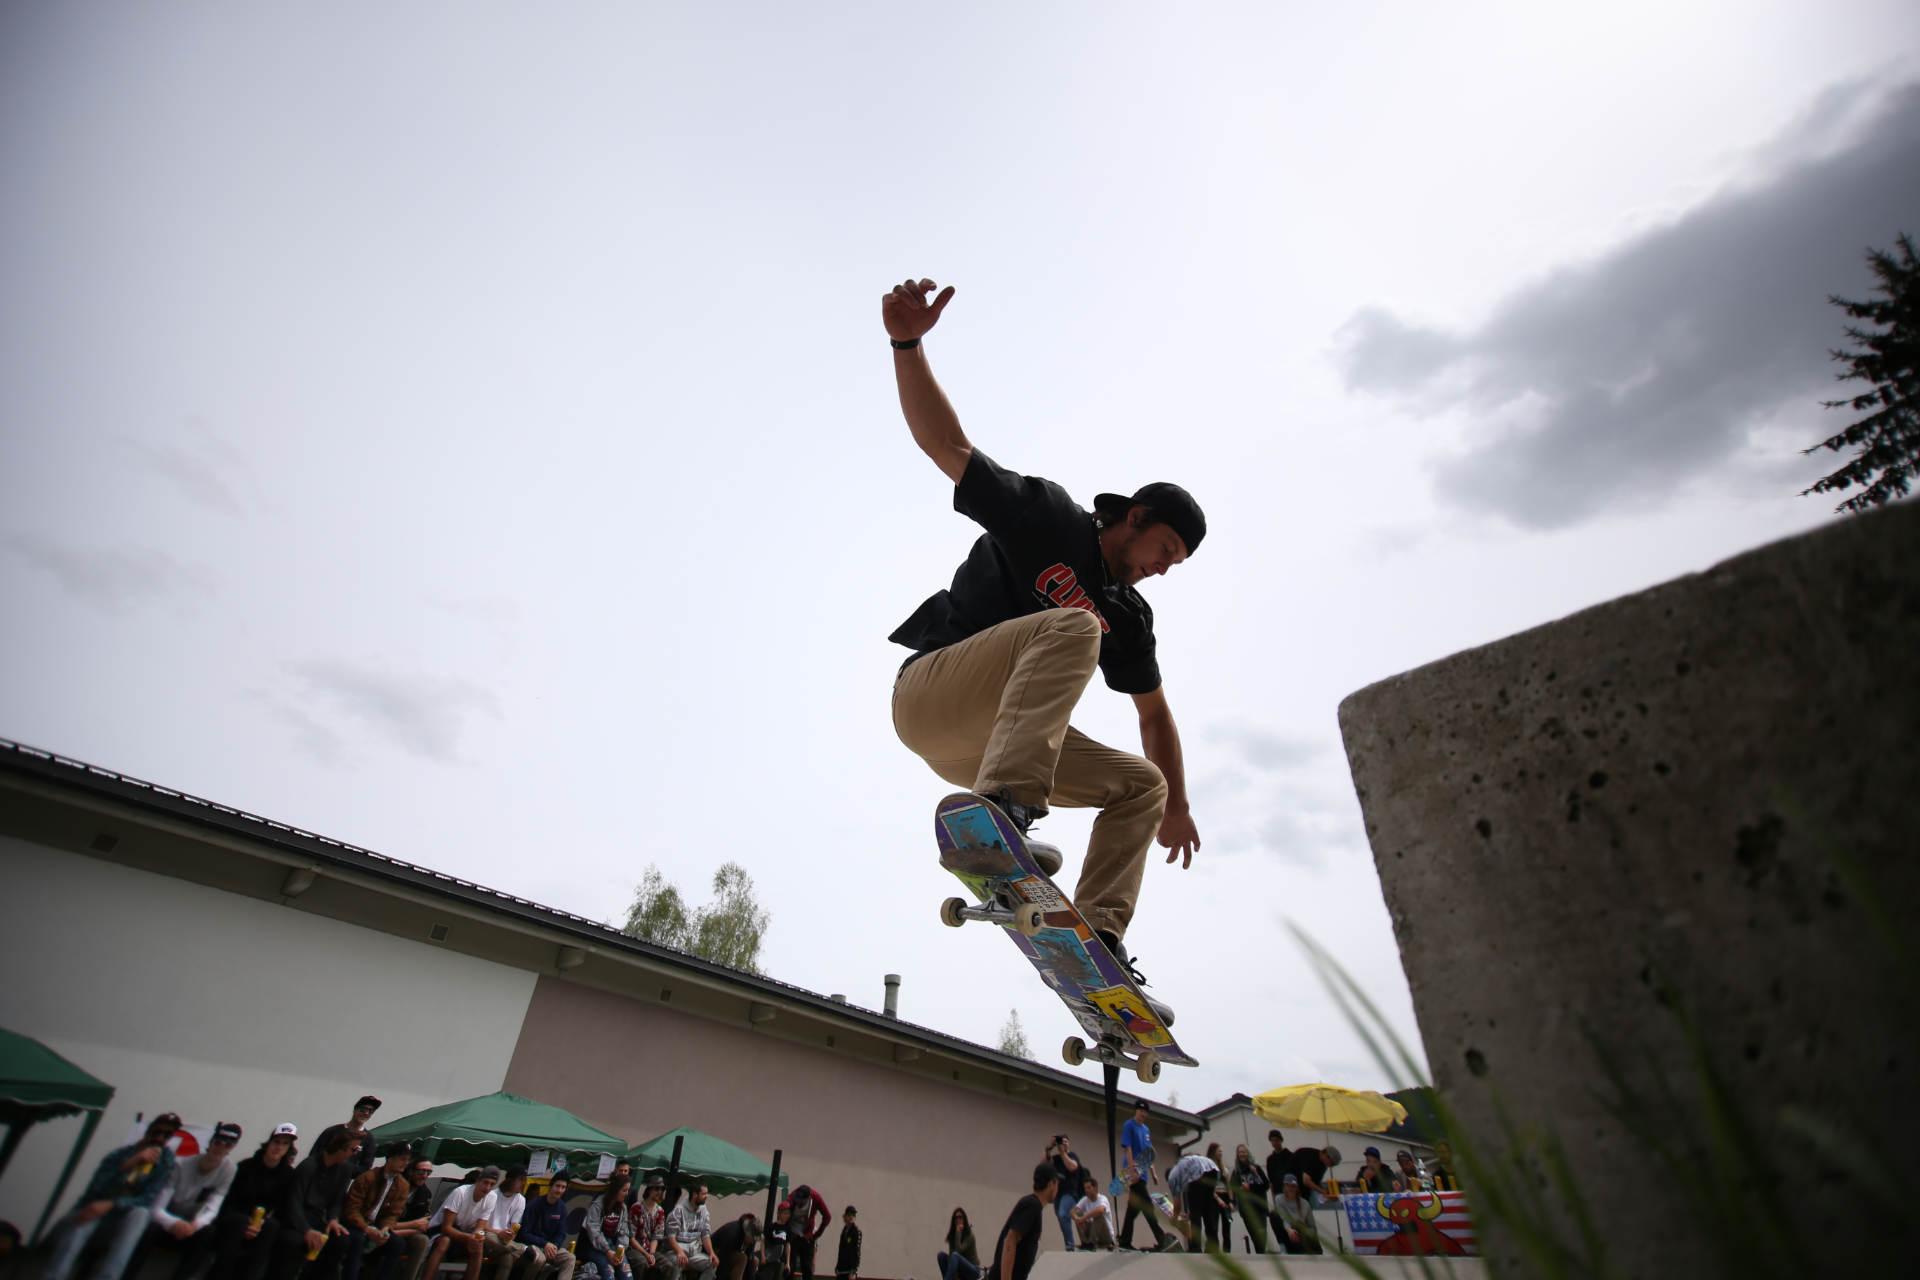 skateboard headz fieberbrunn kgt kitz gau trophy 2019 saalfelden hell00005